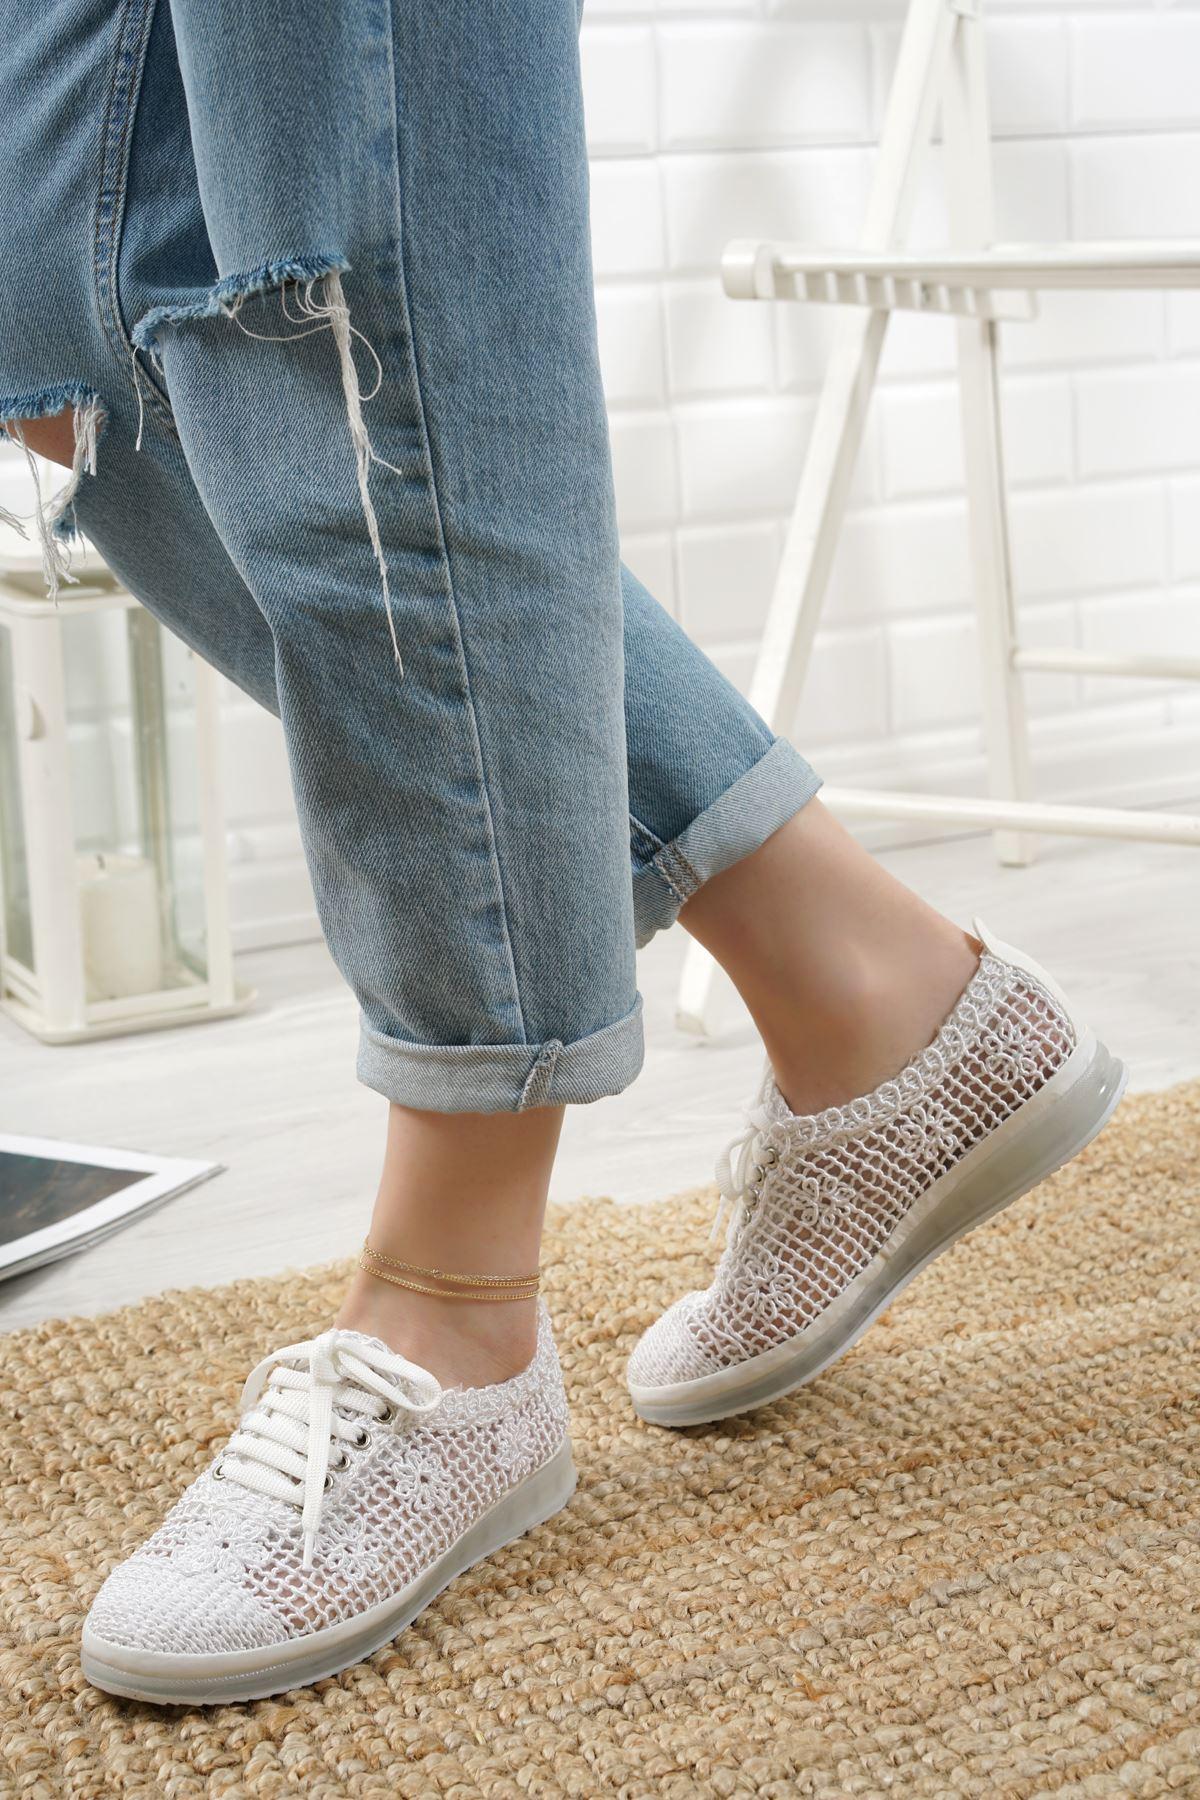 Danil Beyaz Dantel Kadın Spor Ayakkabı